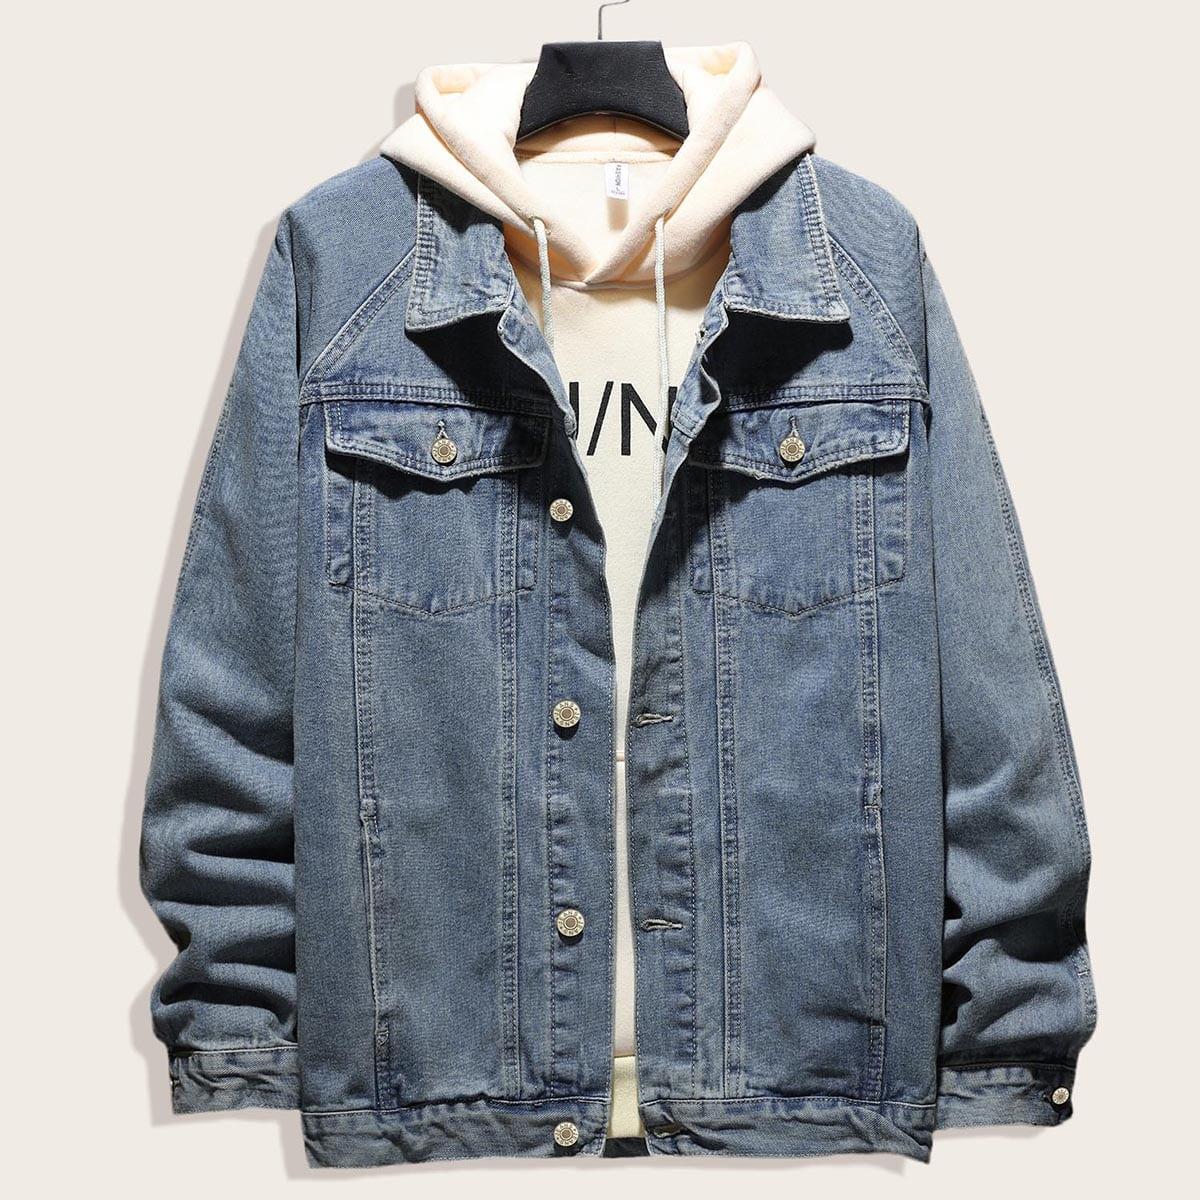 Blauw Casual Vlak Heren Jeans jassen Knoop